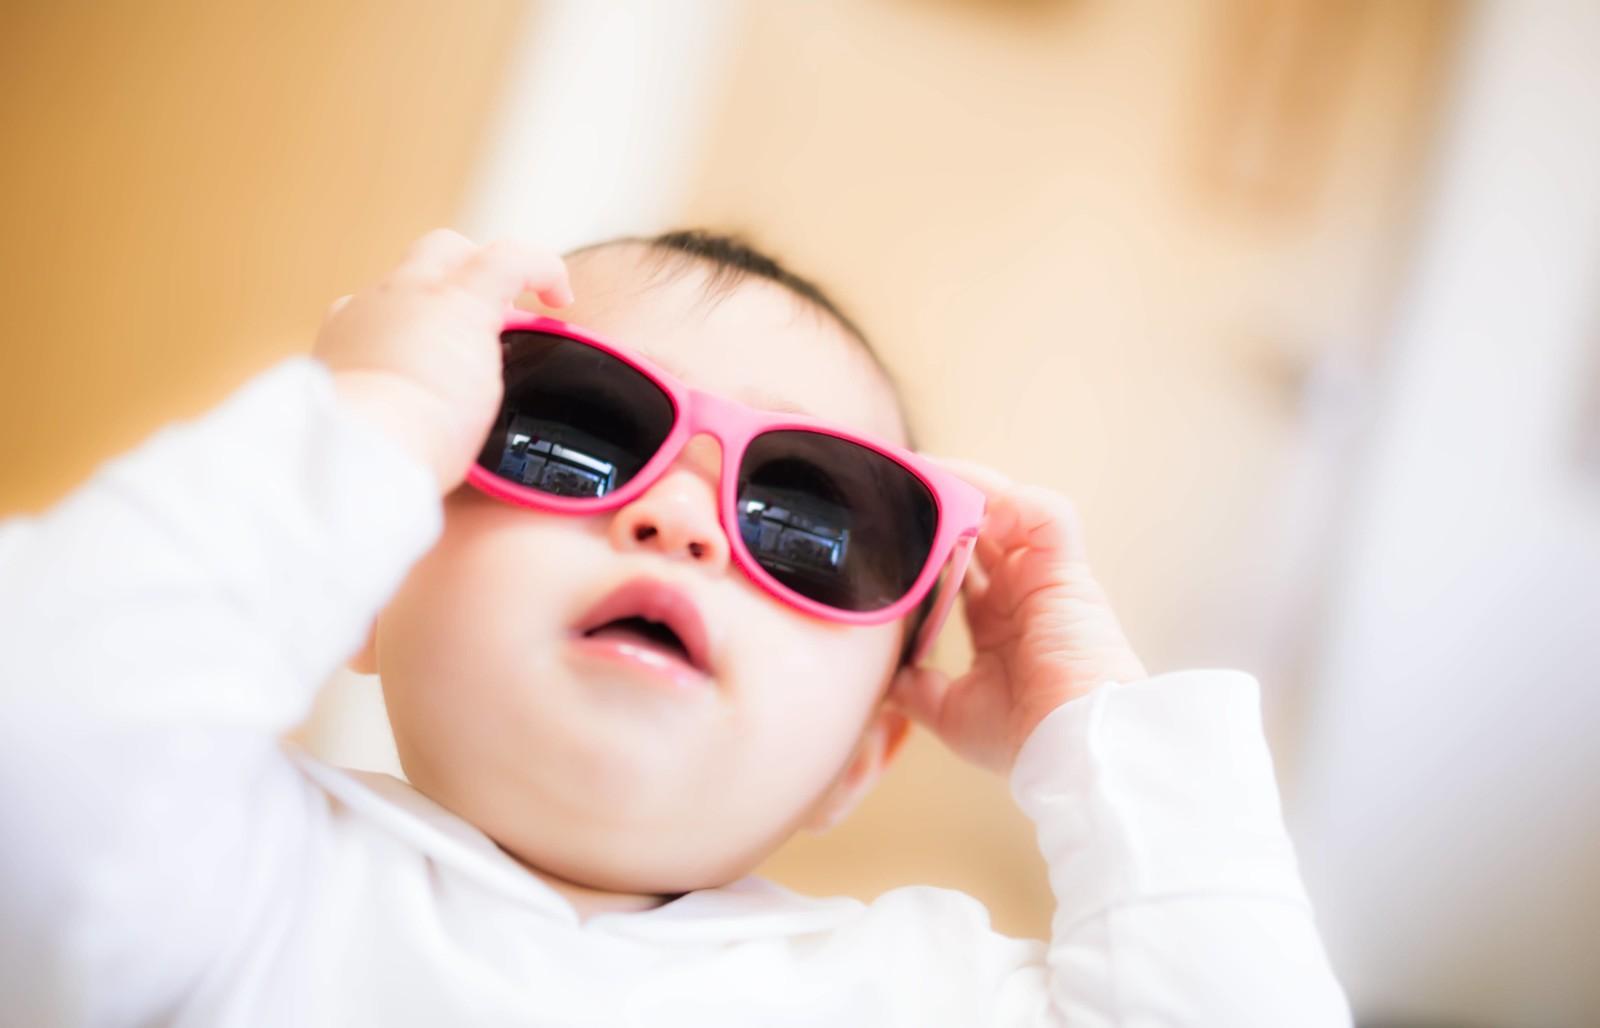 目の為にサングラスをする赤ちゃん